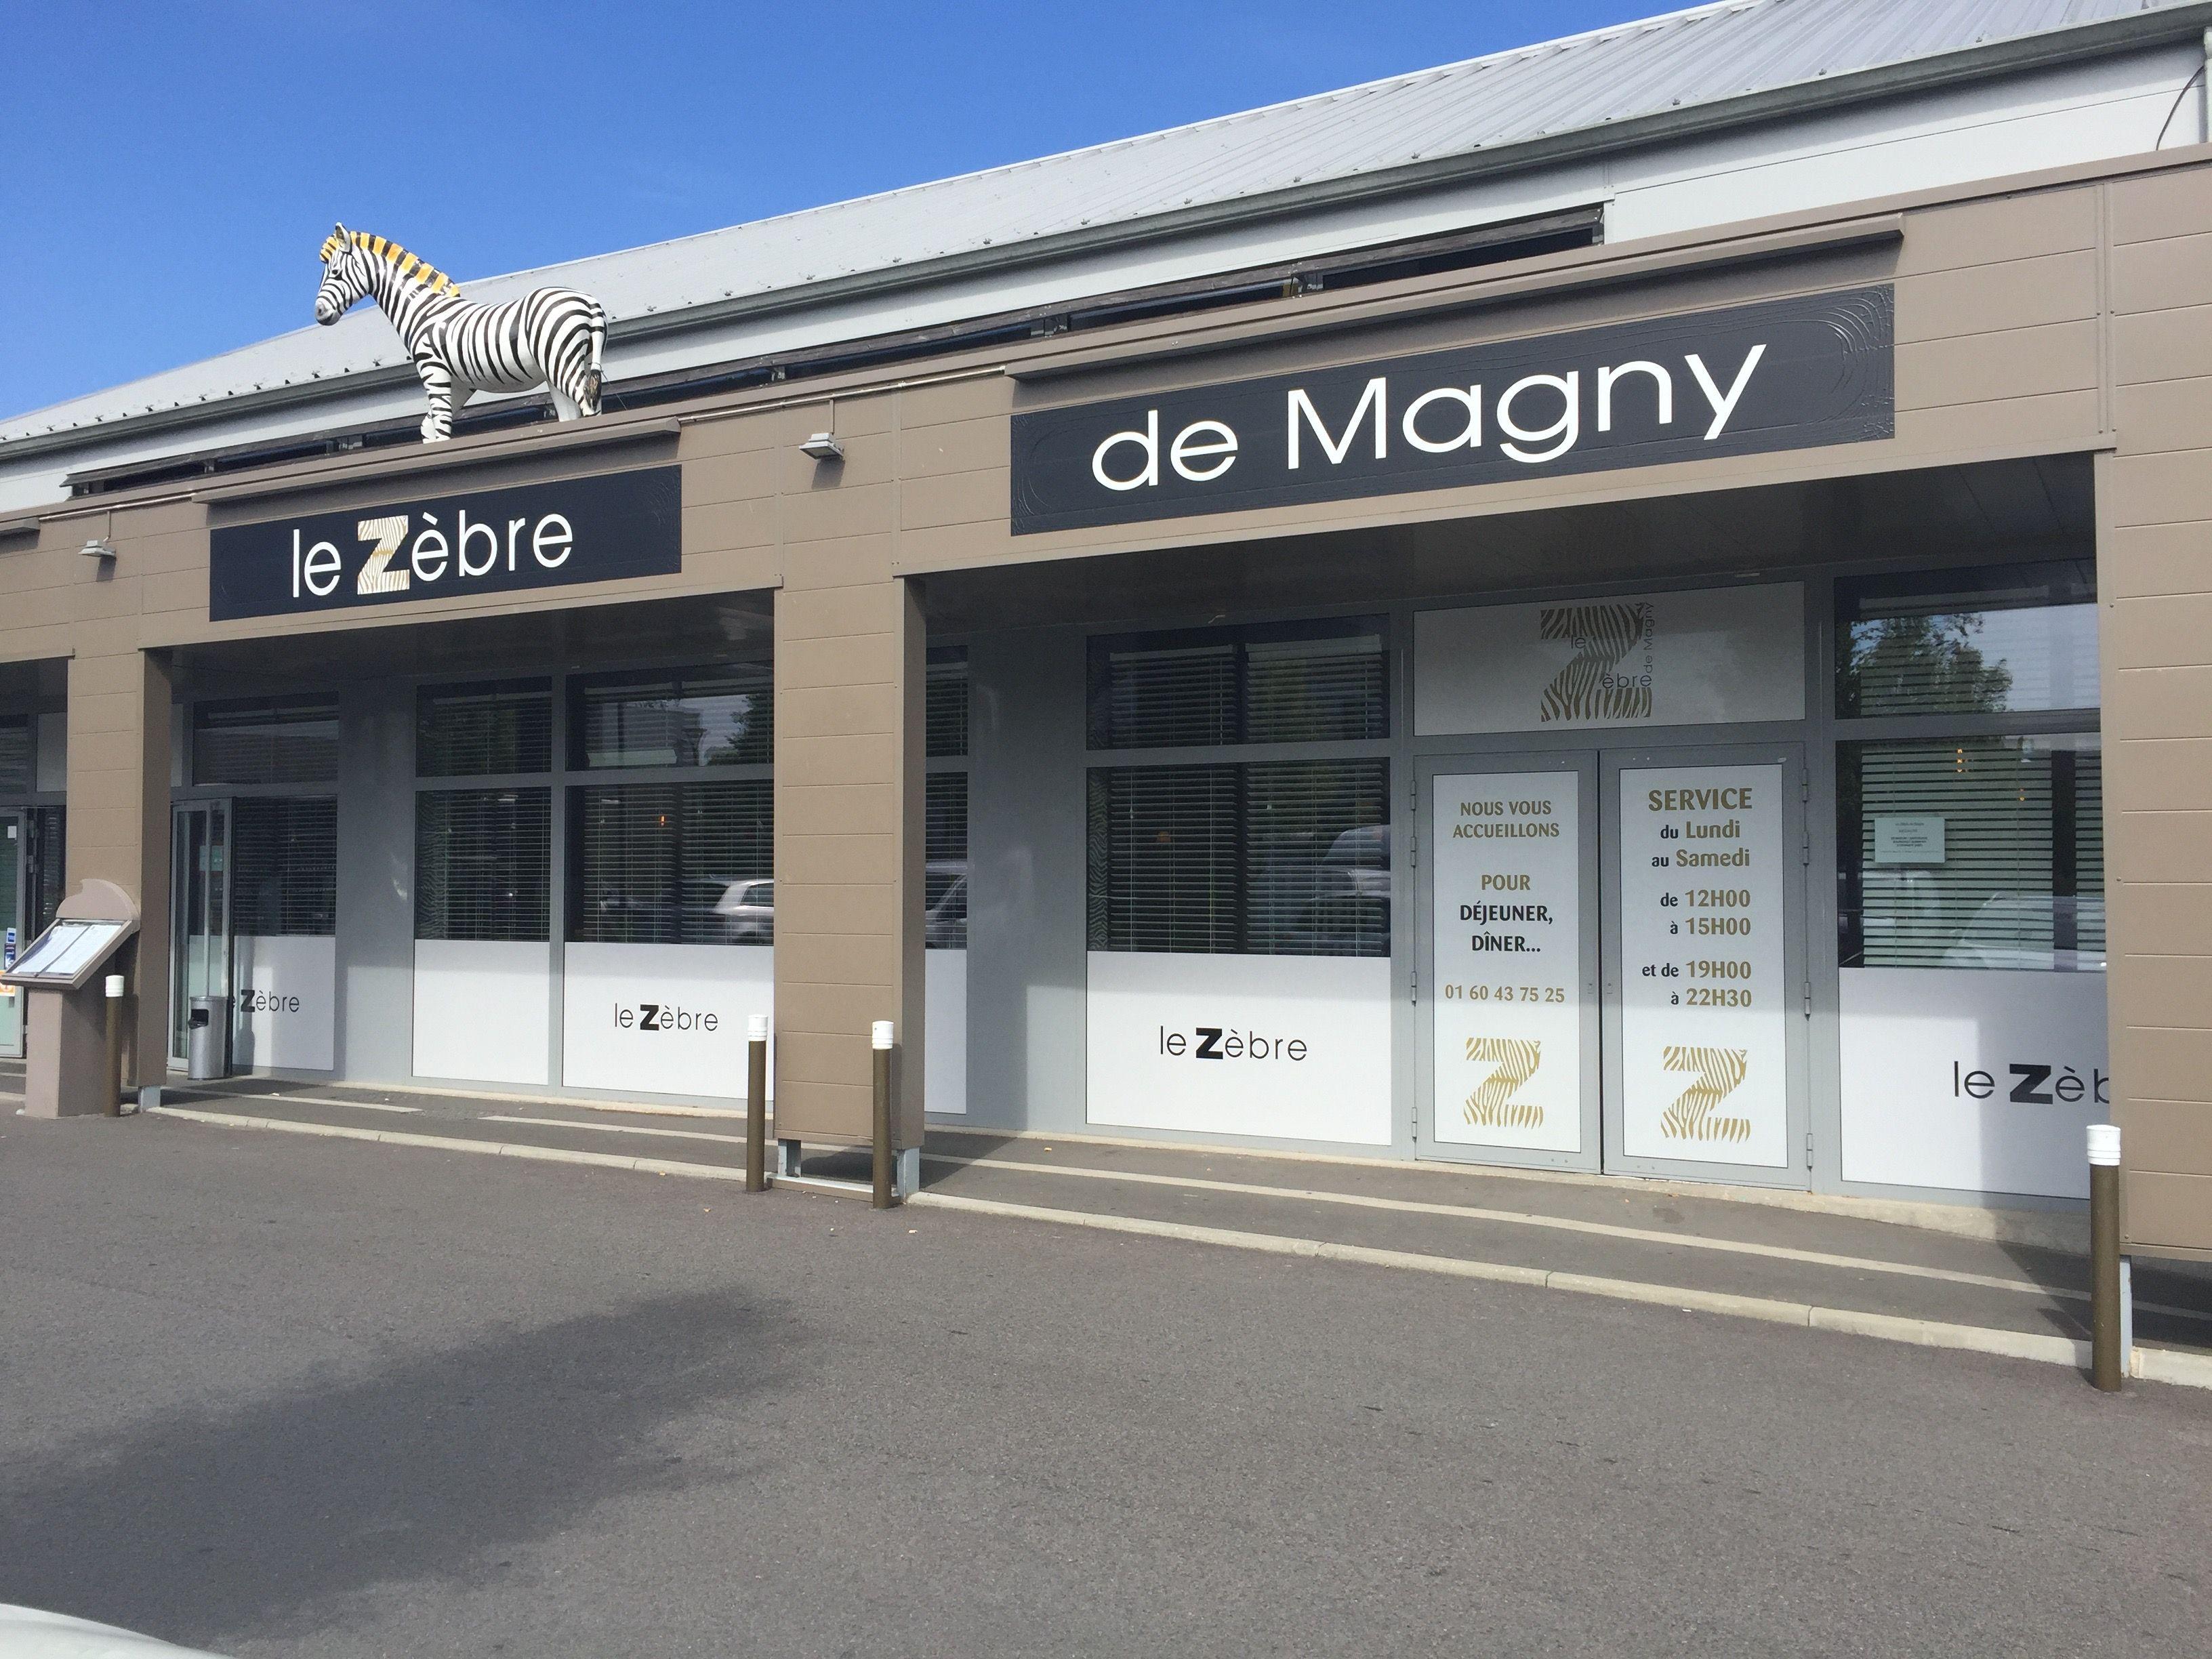 Magny Le Hongre Restaurant restaurant le zébre de magny - 2018 | magny le hongre, ville